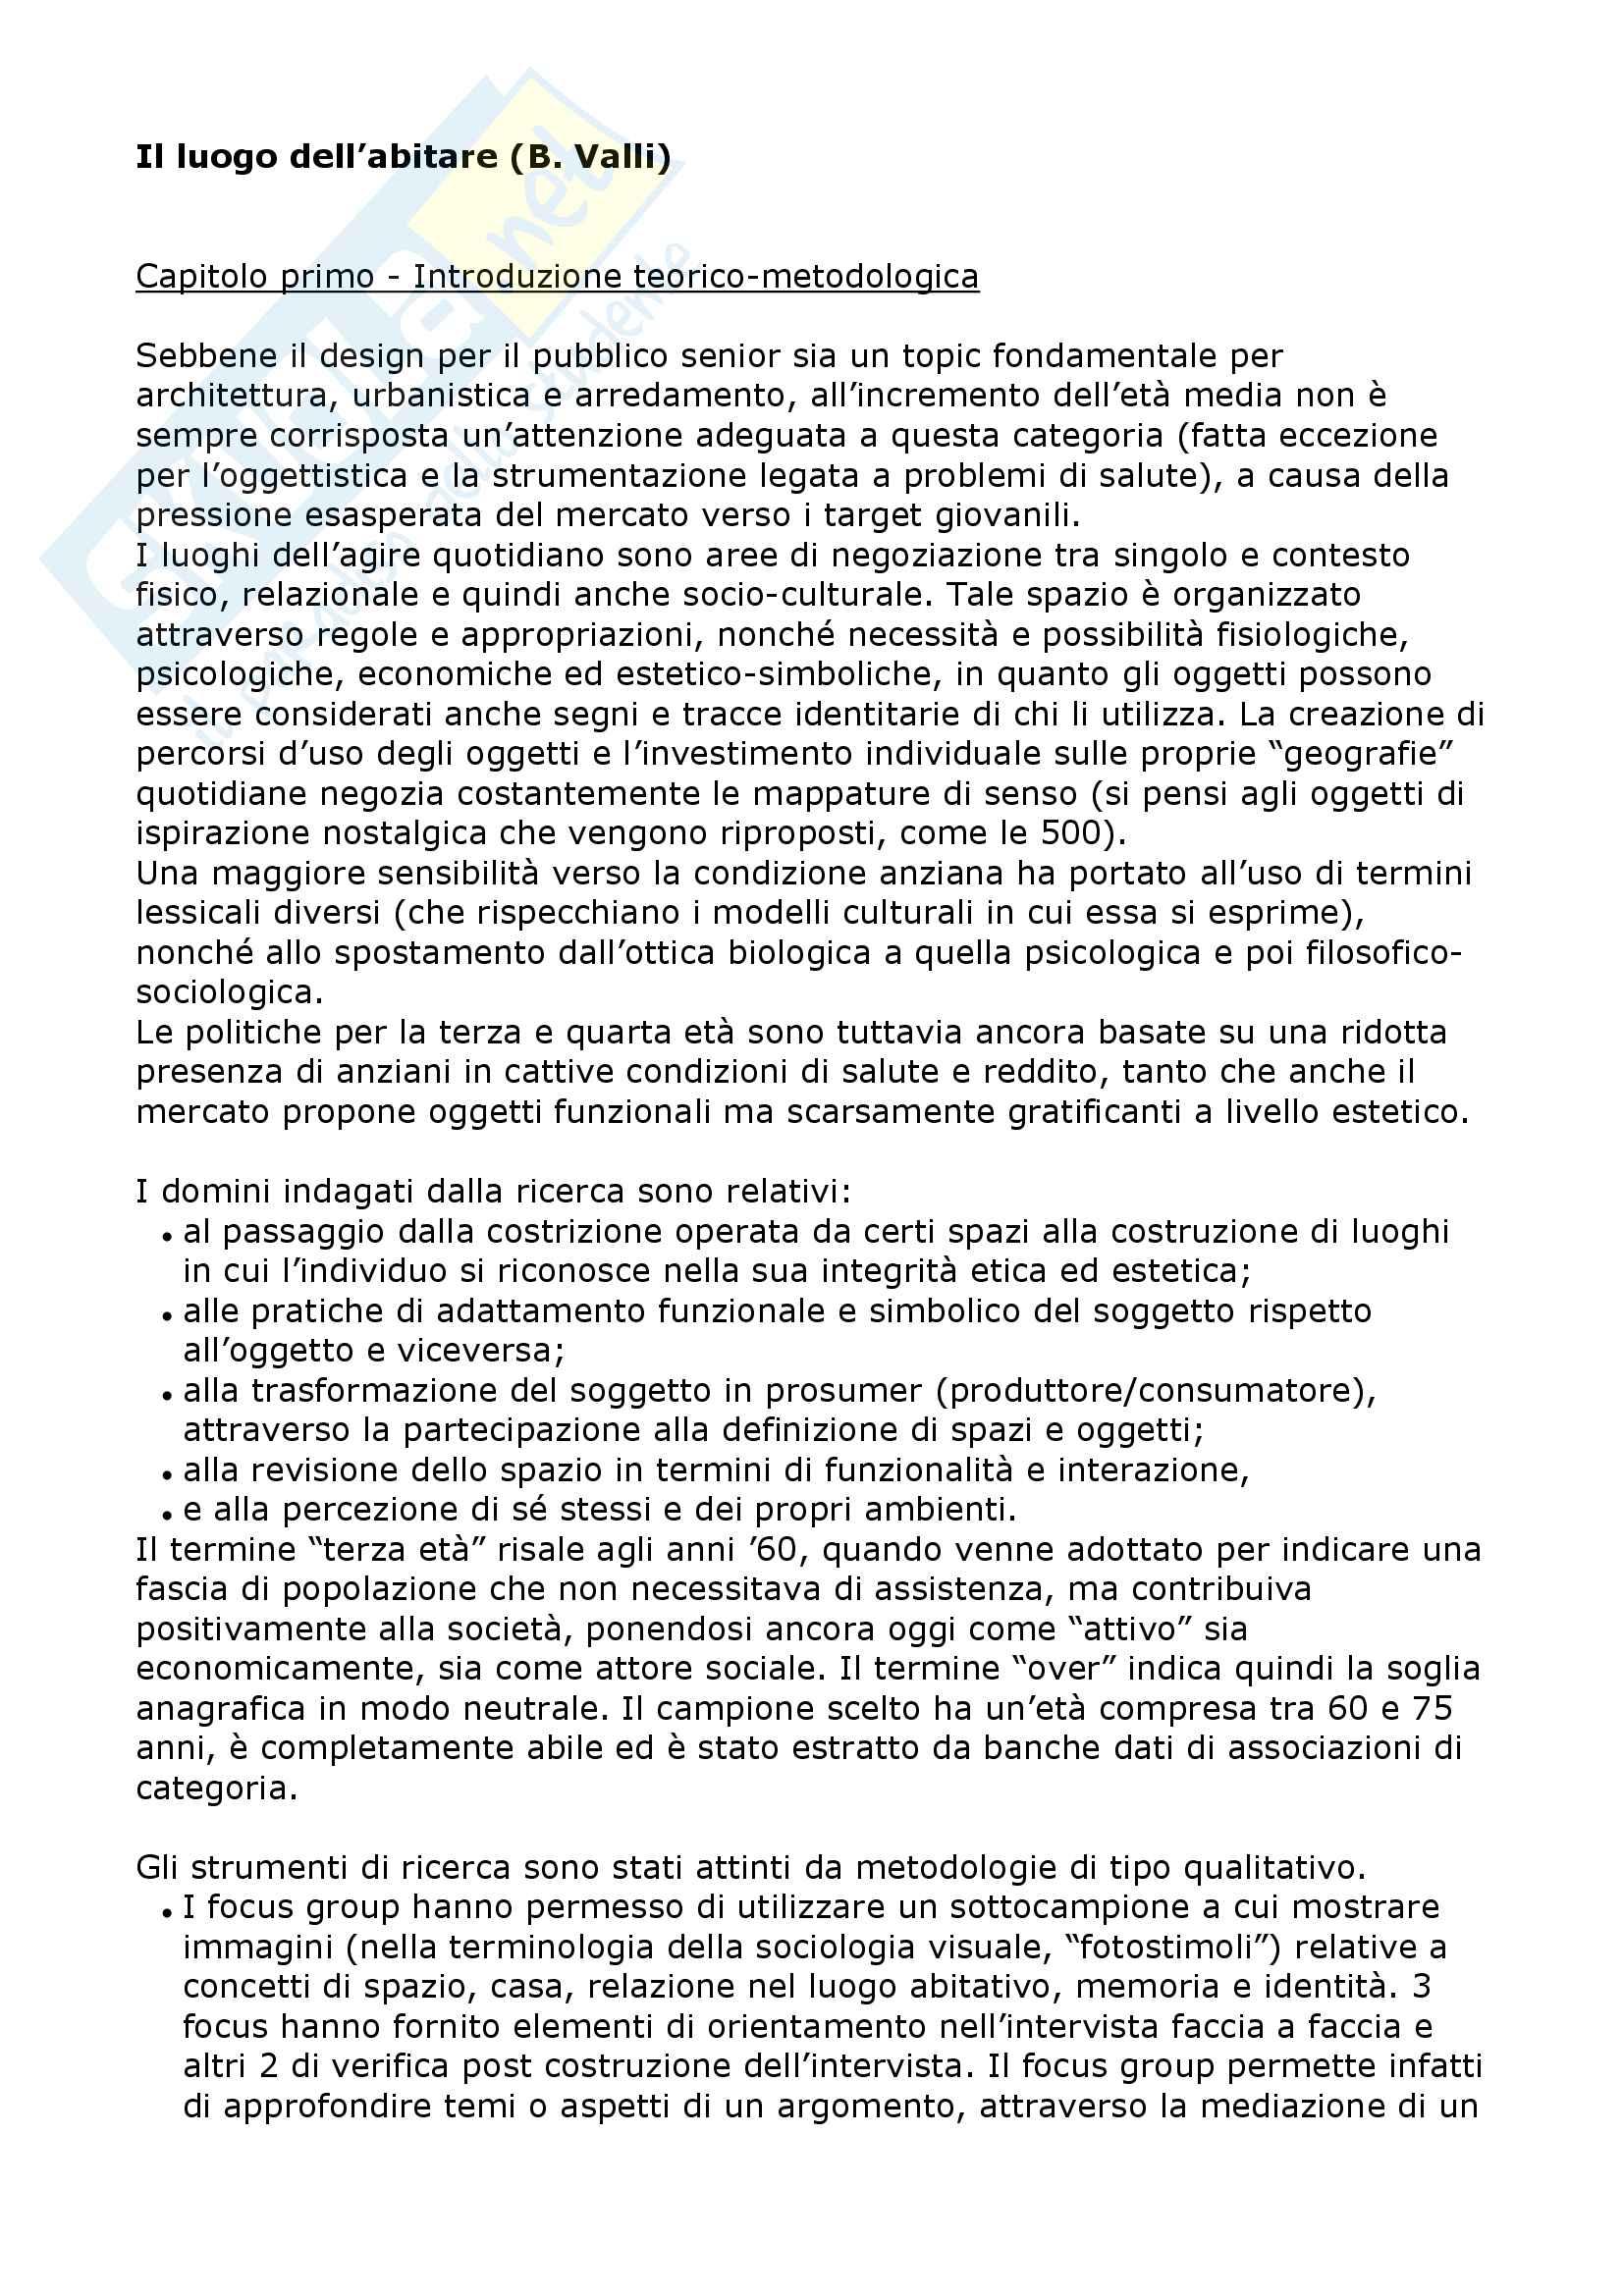 Riassunto esame Sociologia dei mass media e linguaggi del brand, prof. Valli, libro consigliato Il luogo dell abitare, Valli